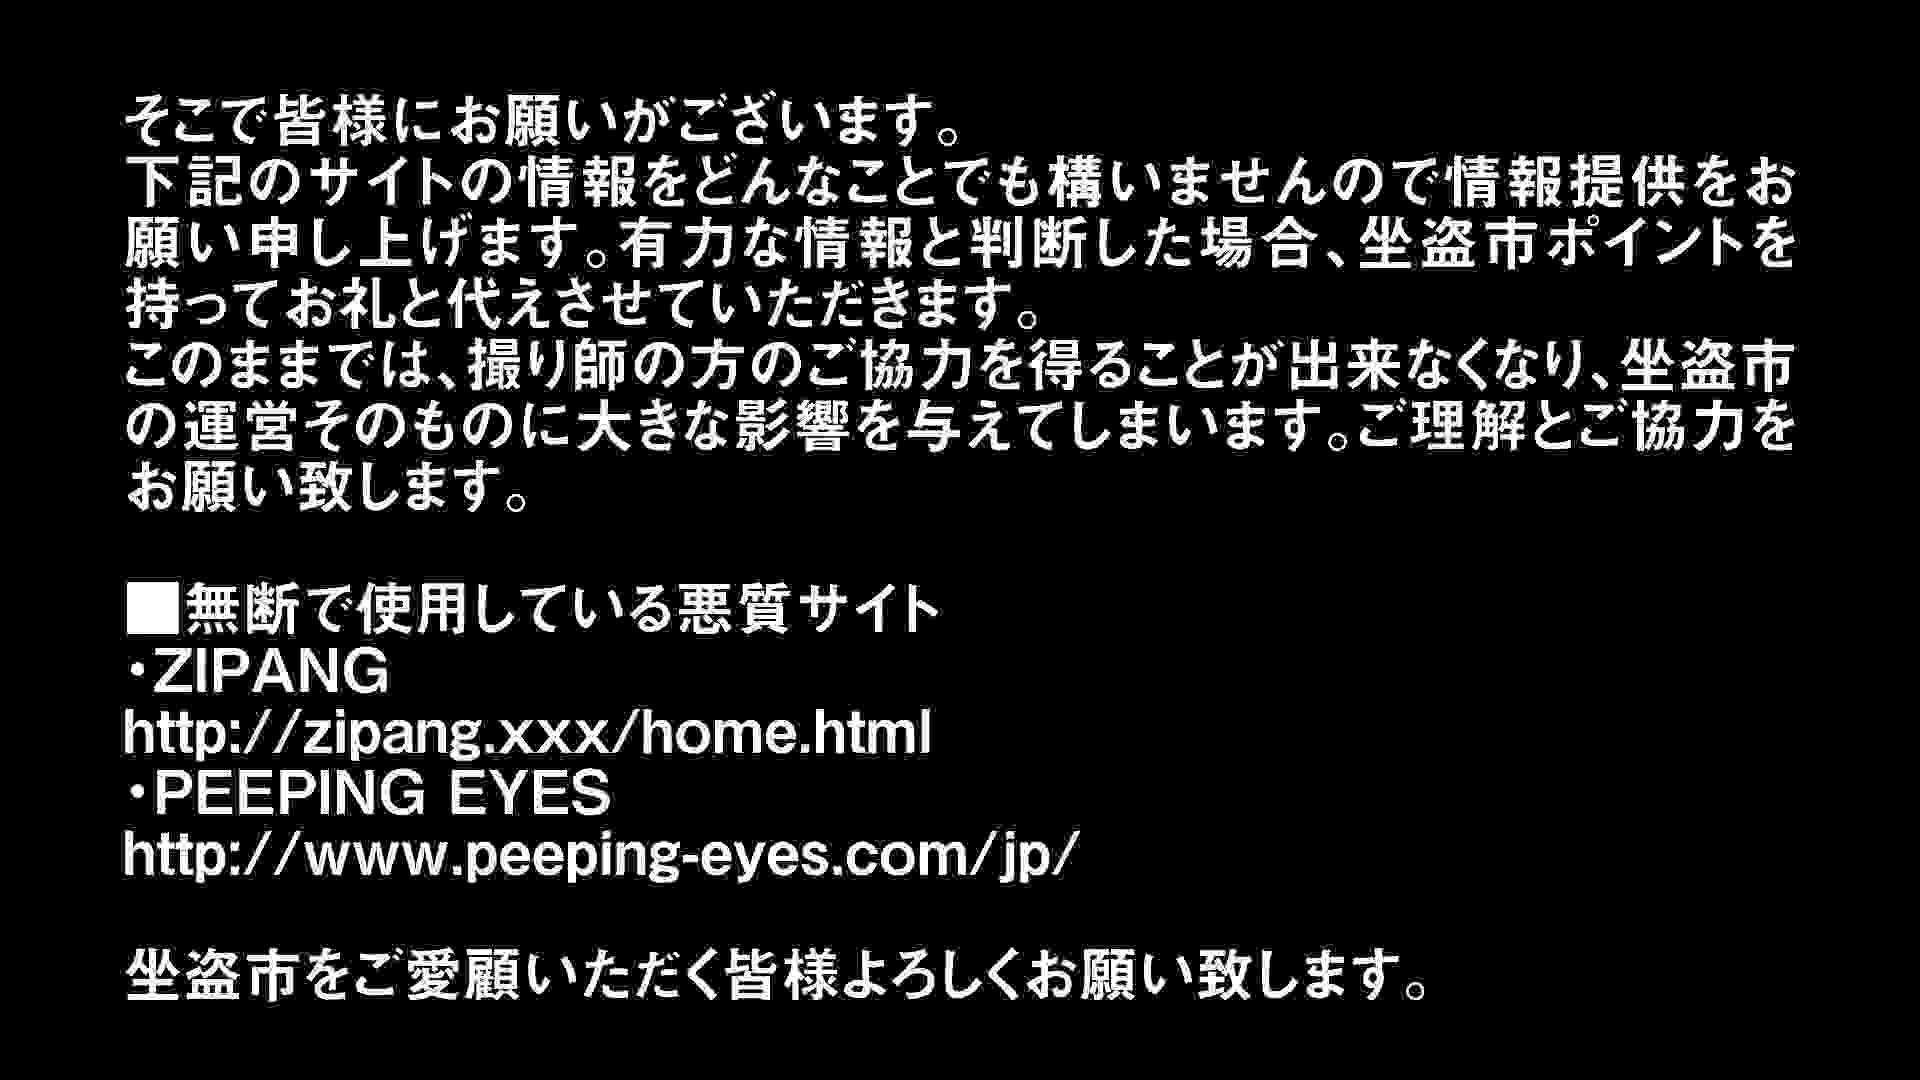 Aquaな露天風呂Vol.295 盗撮動画 | 露天風呂  10枚 1